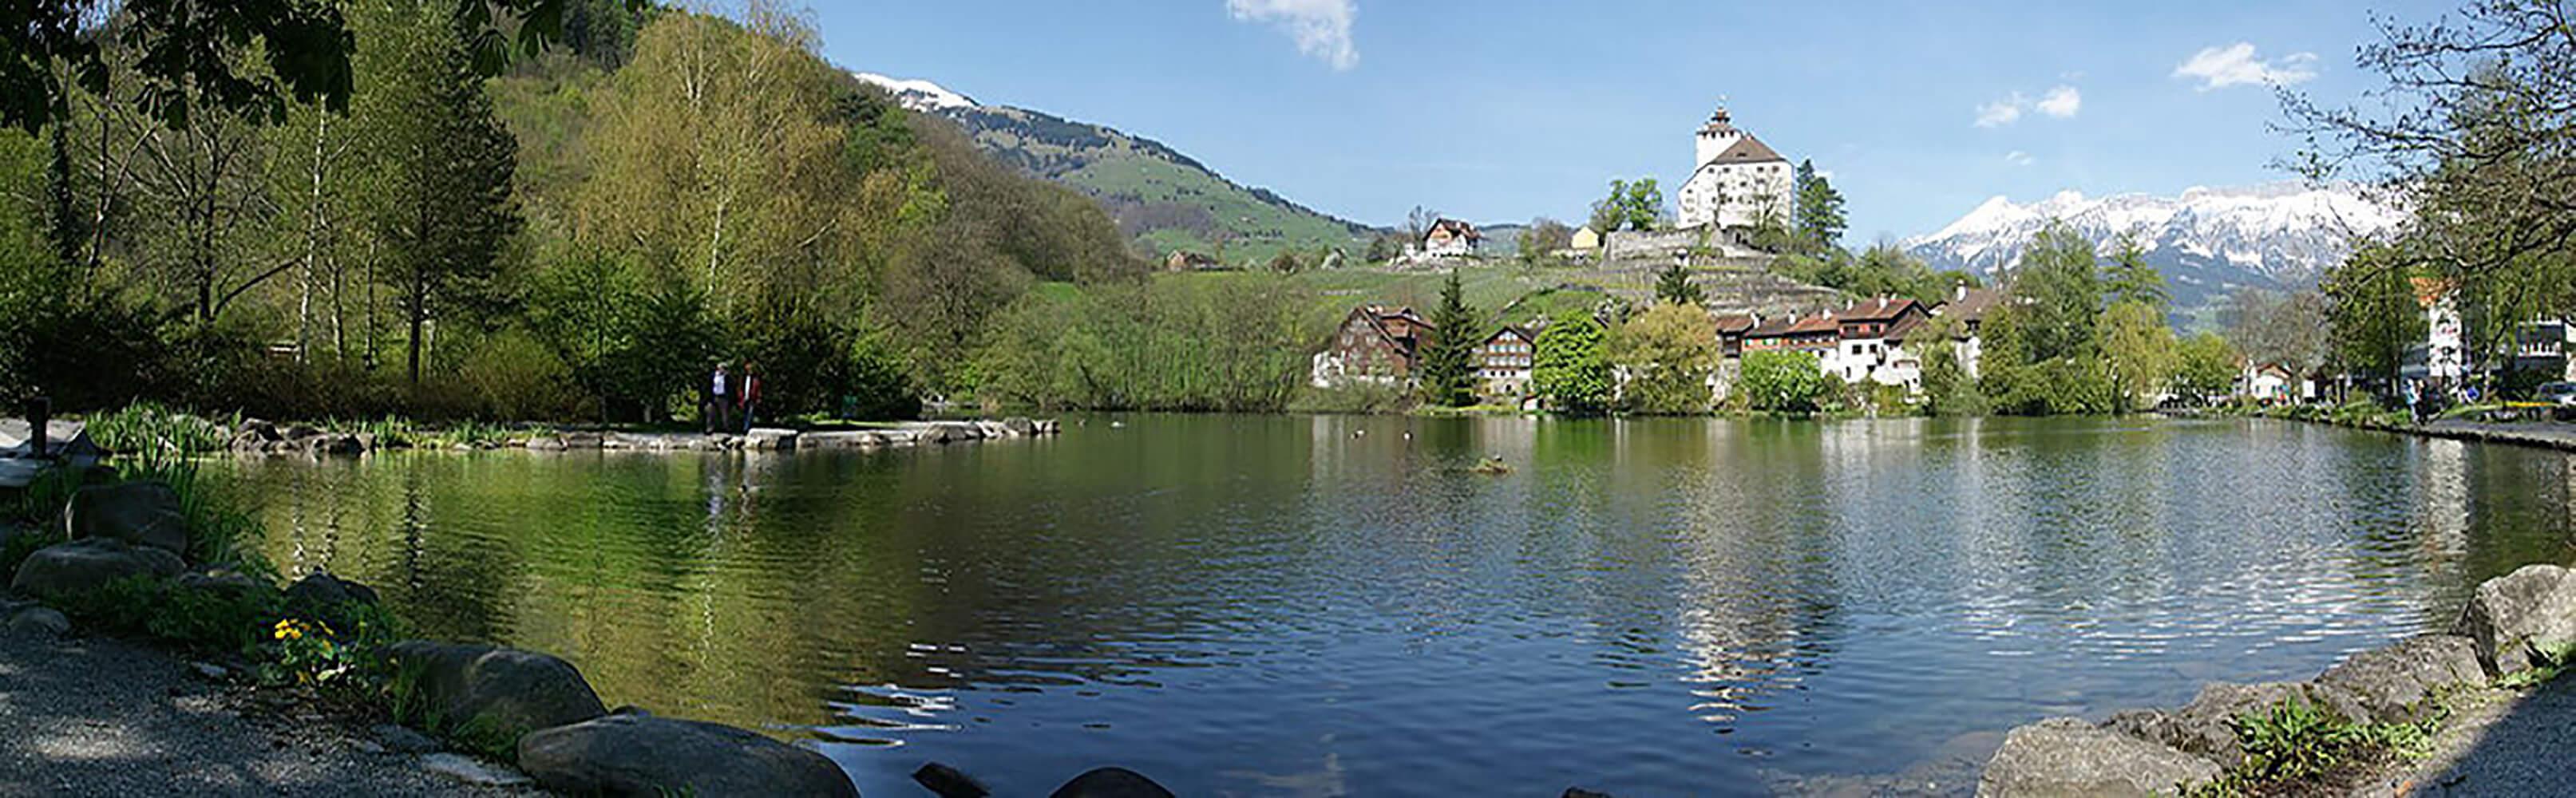 Region Werdenberg 1